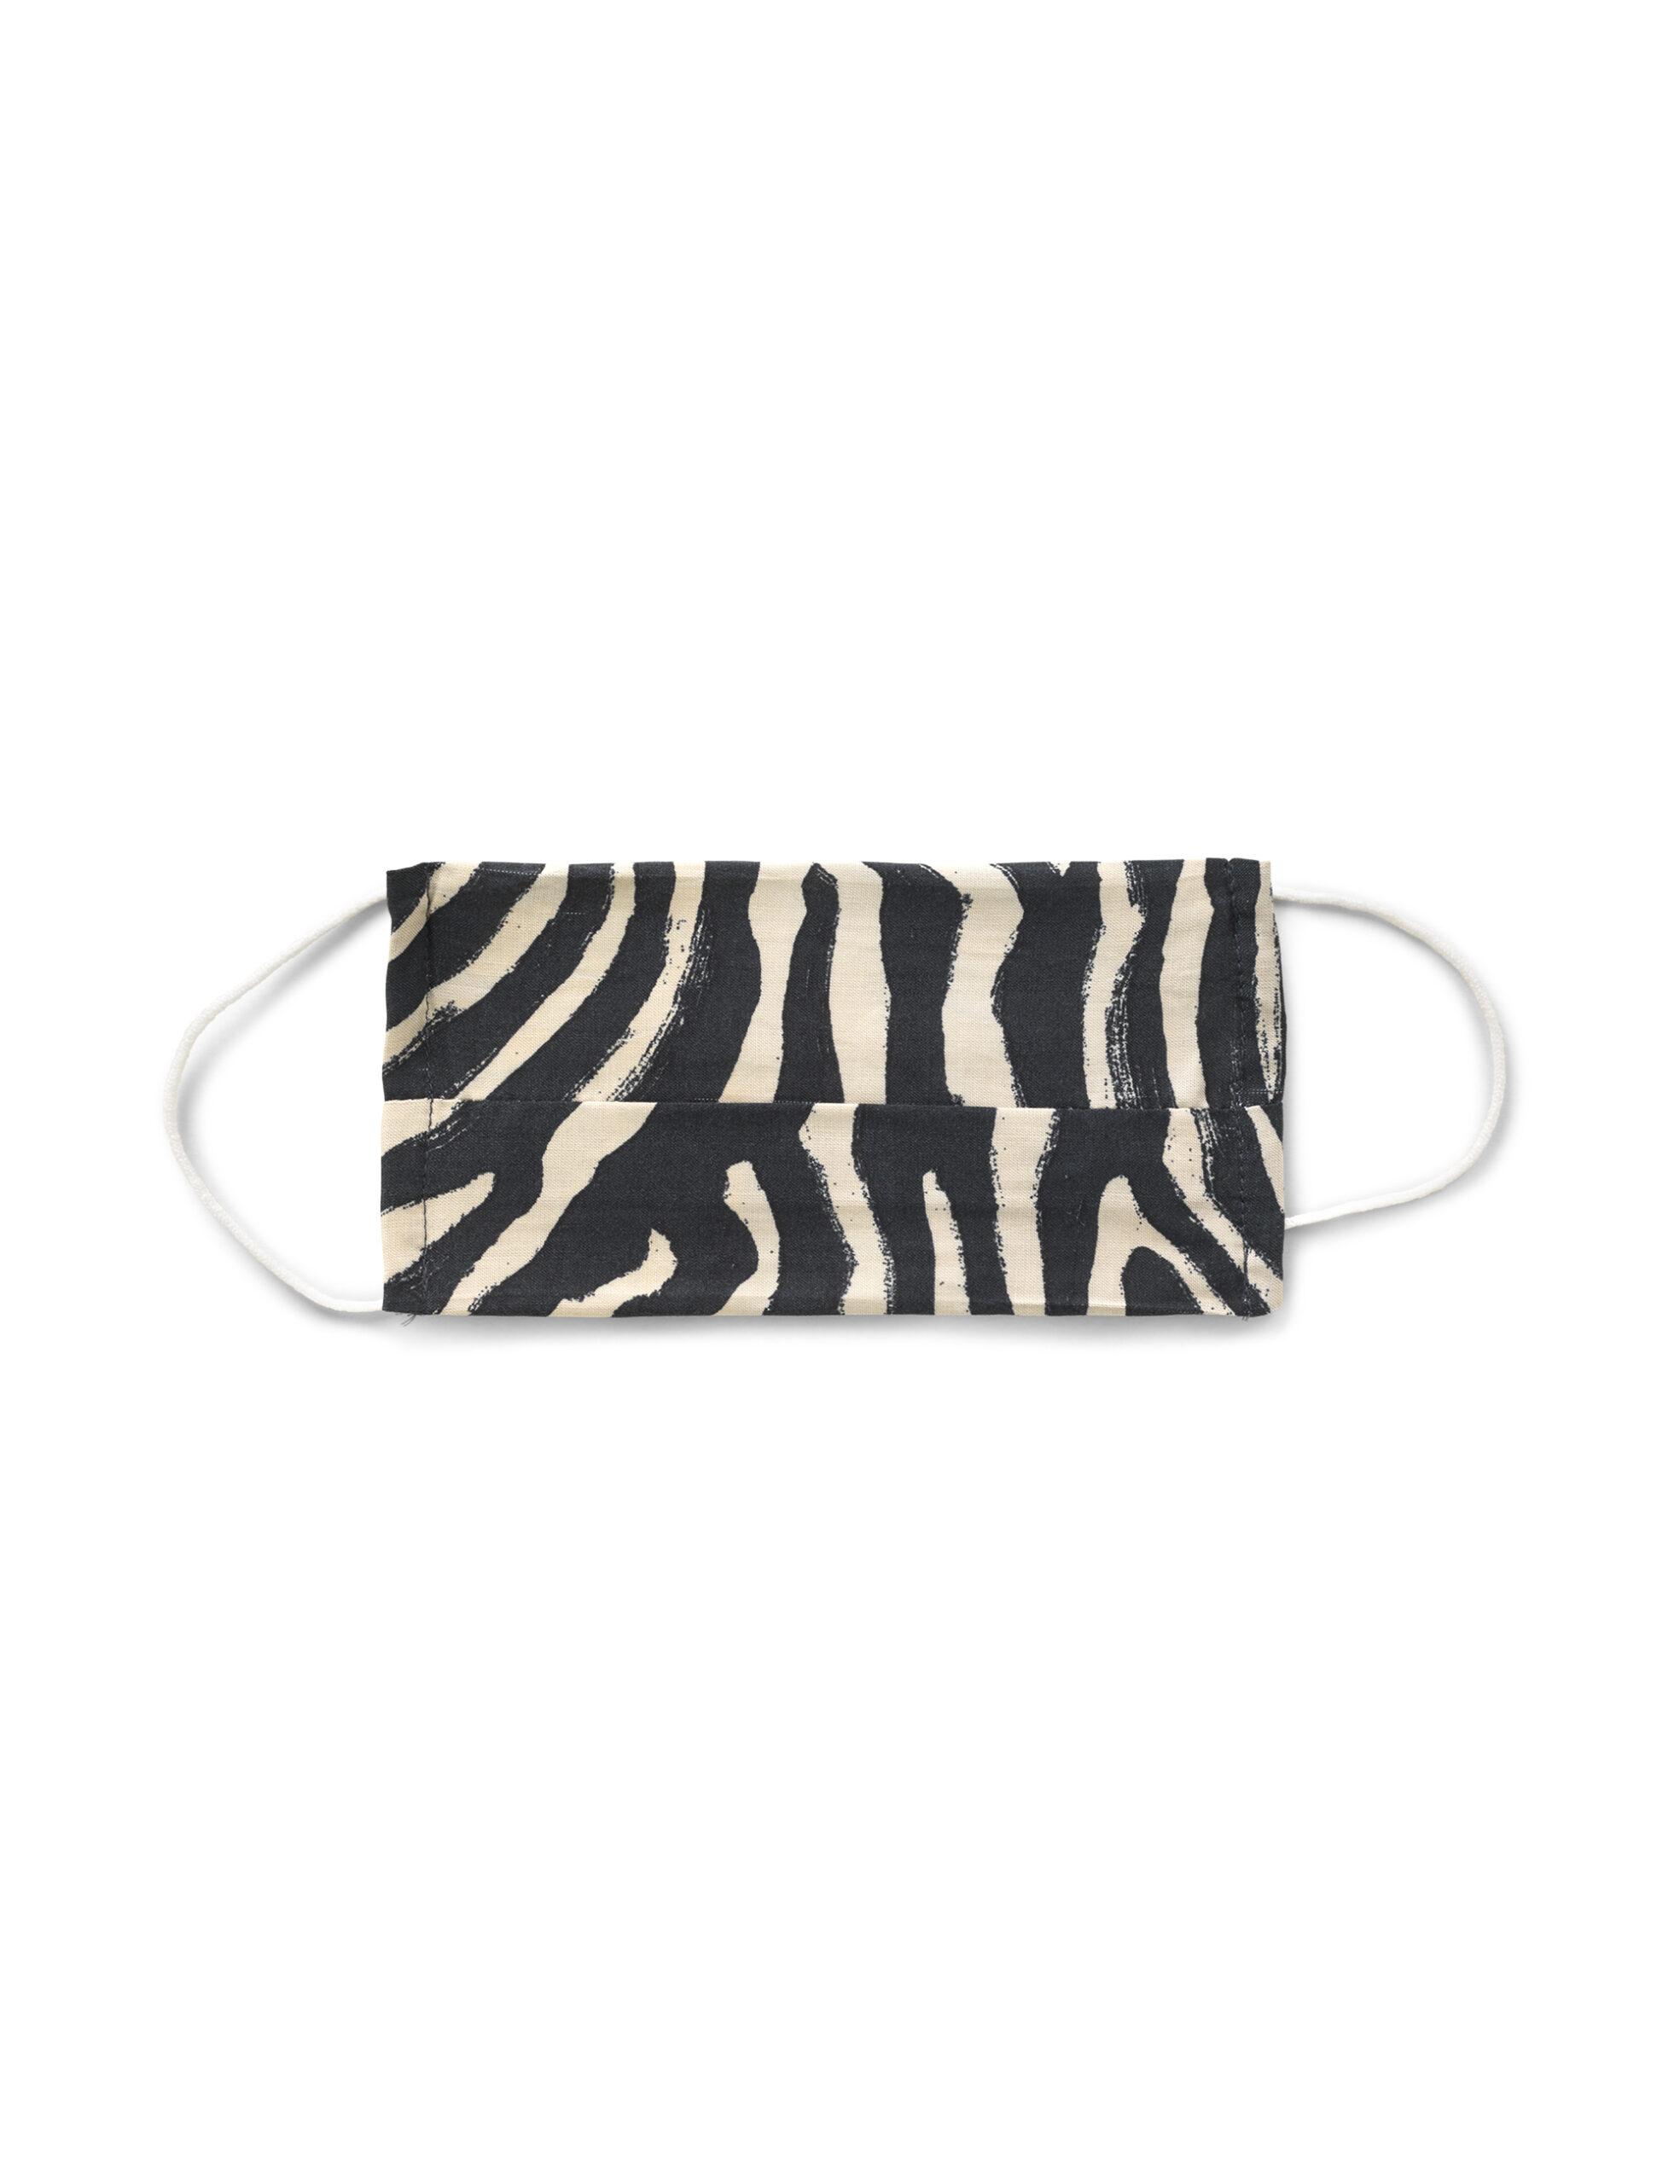 Mundbind – Zebra